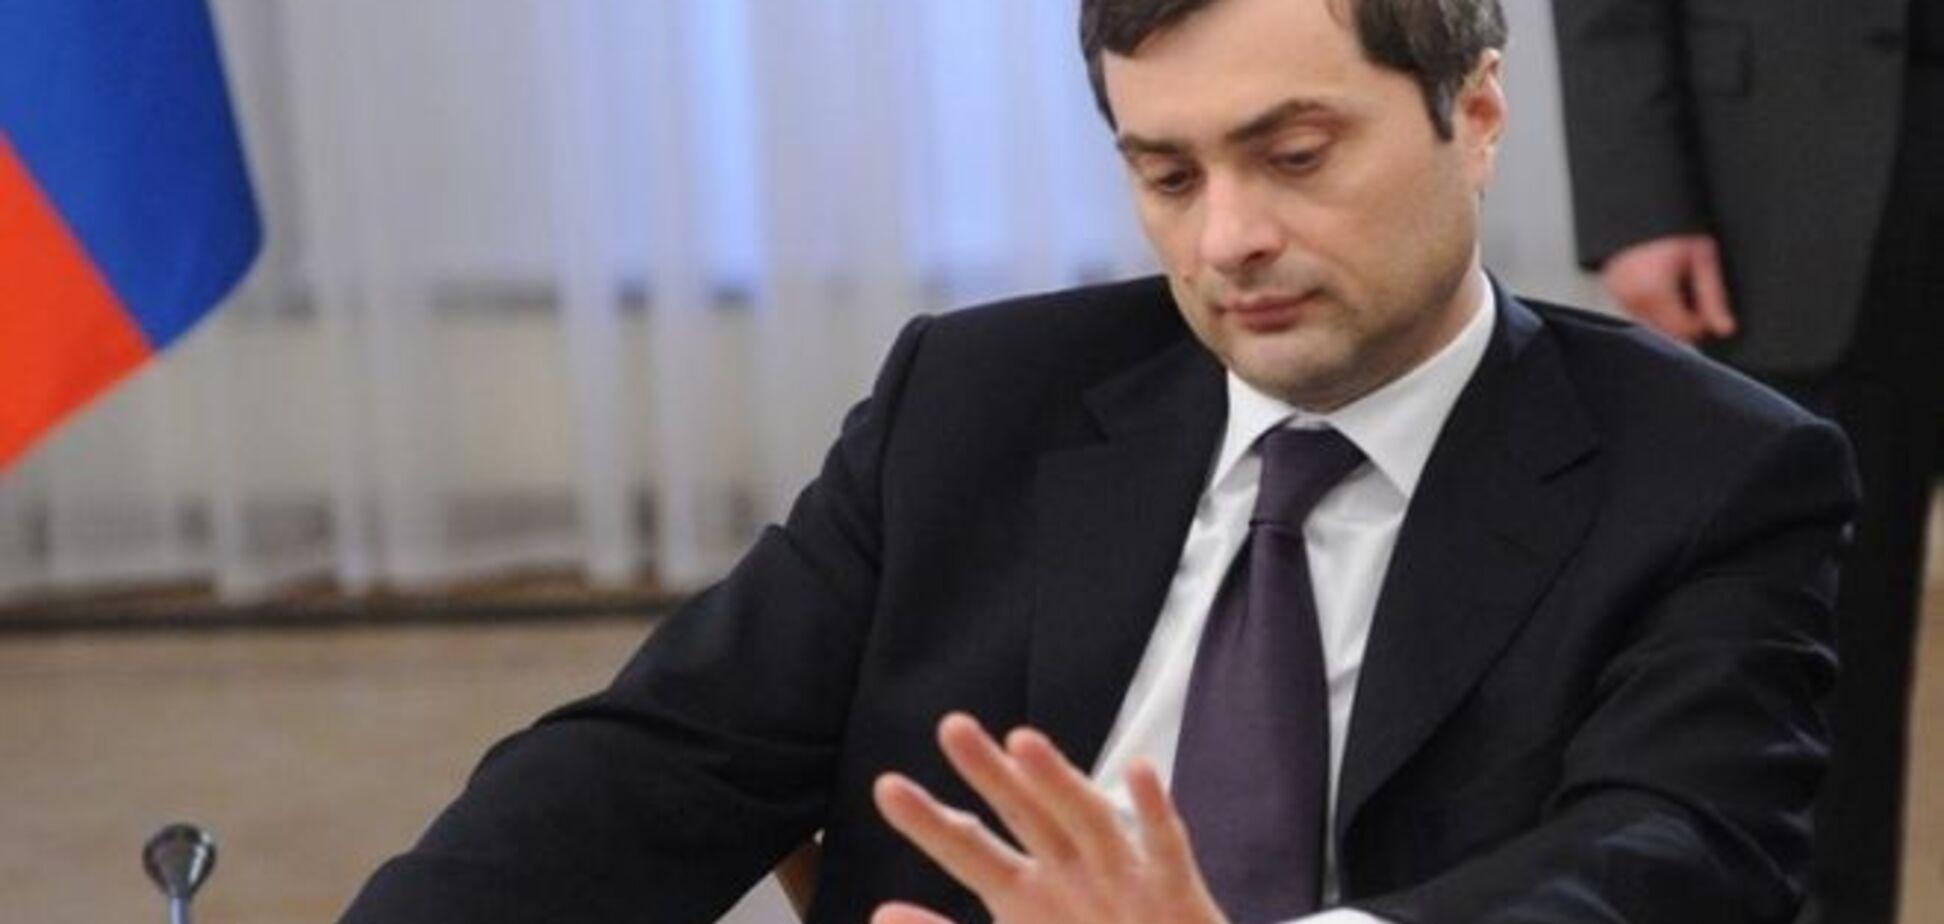 Сурков во время расстрела Майдана проживал на объекте СБУ в Киеве – Наливайченко